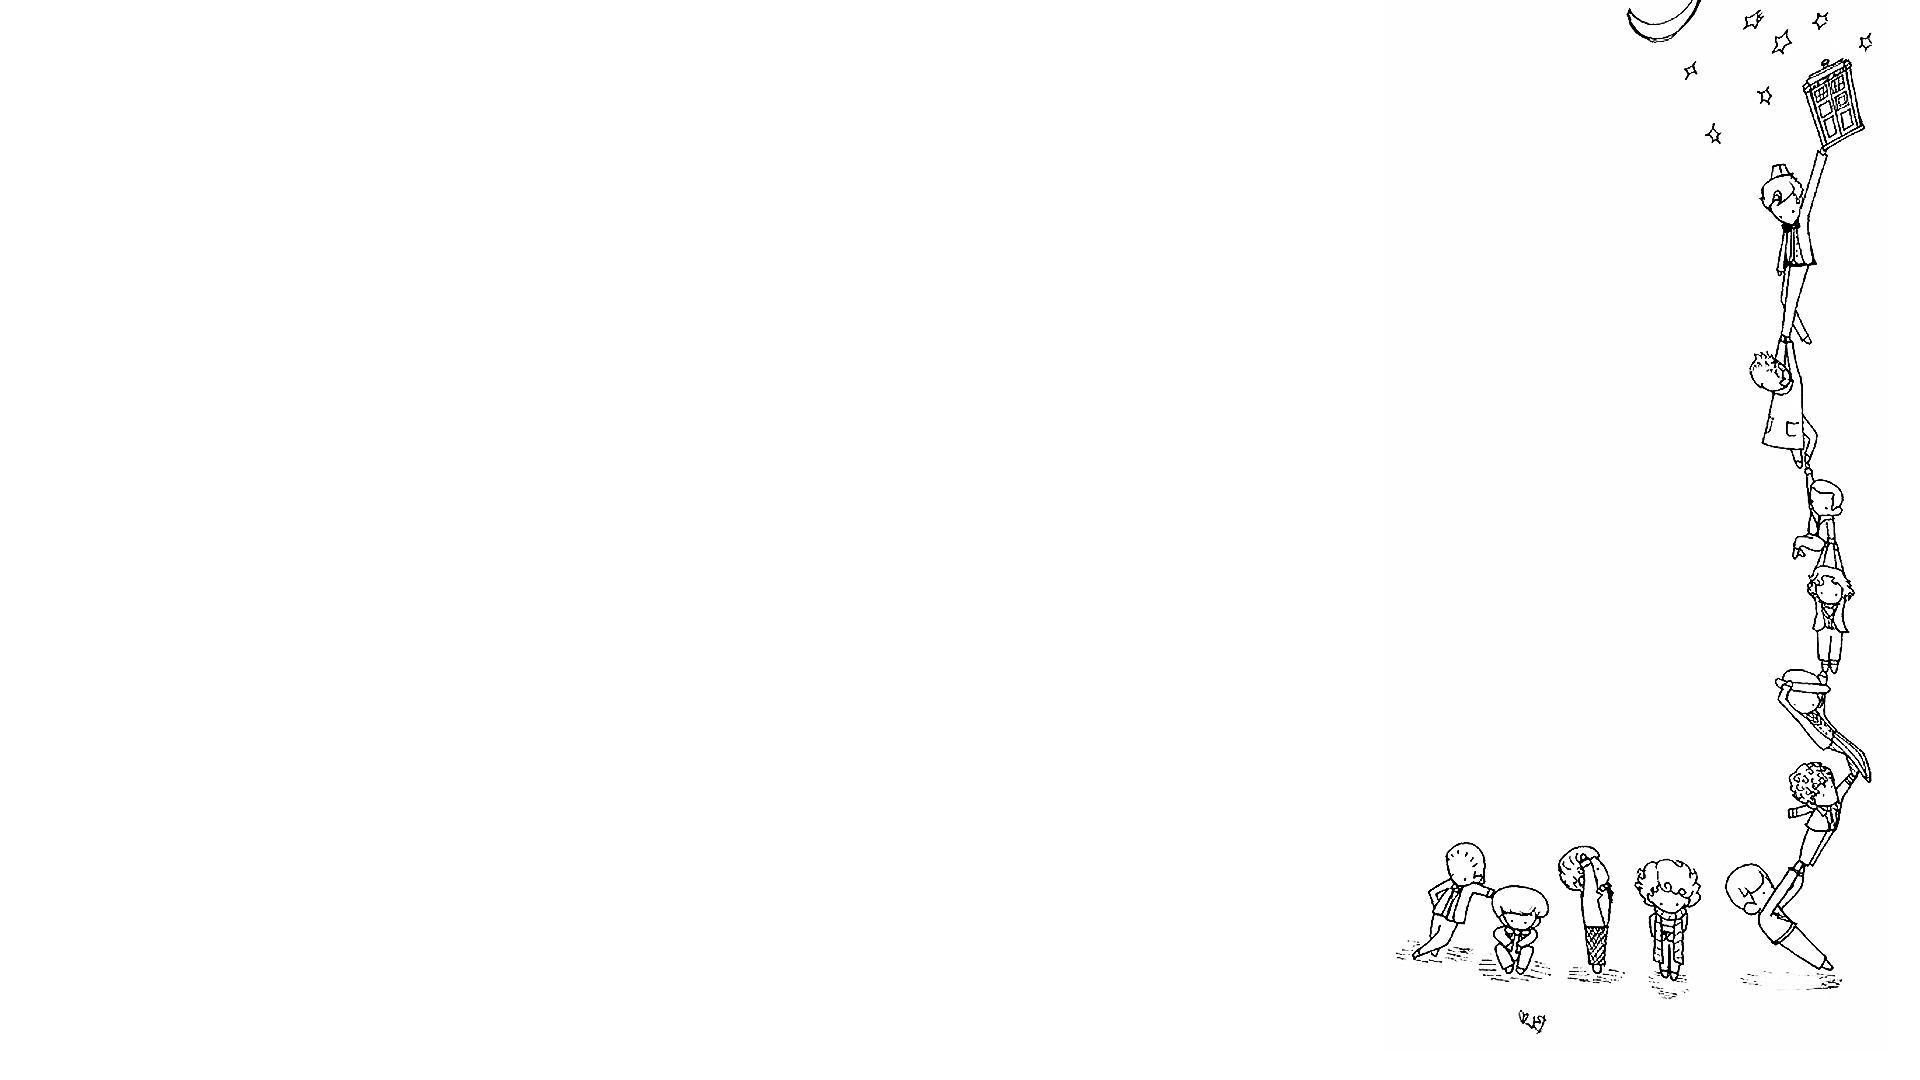 Cute Wallpapers Doodle For Desktop